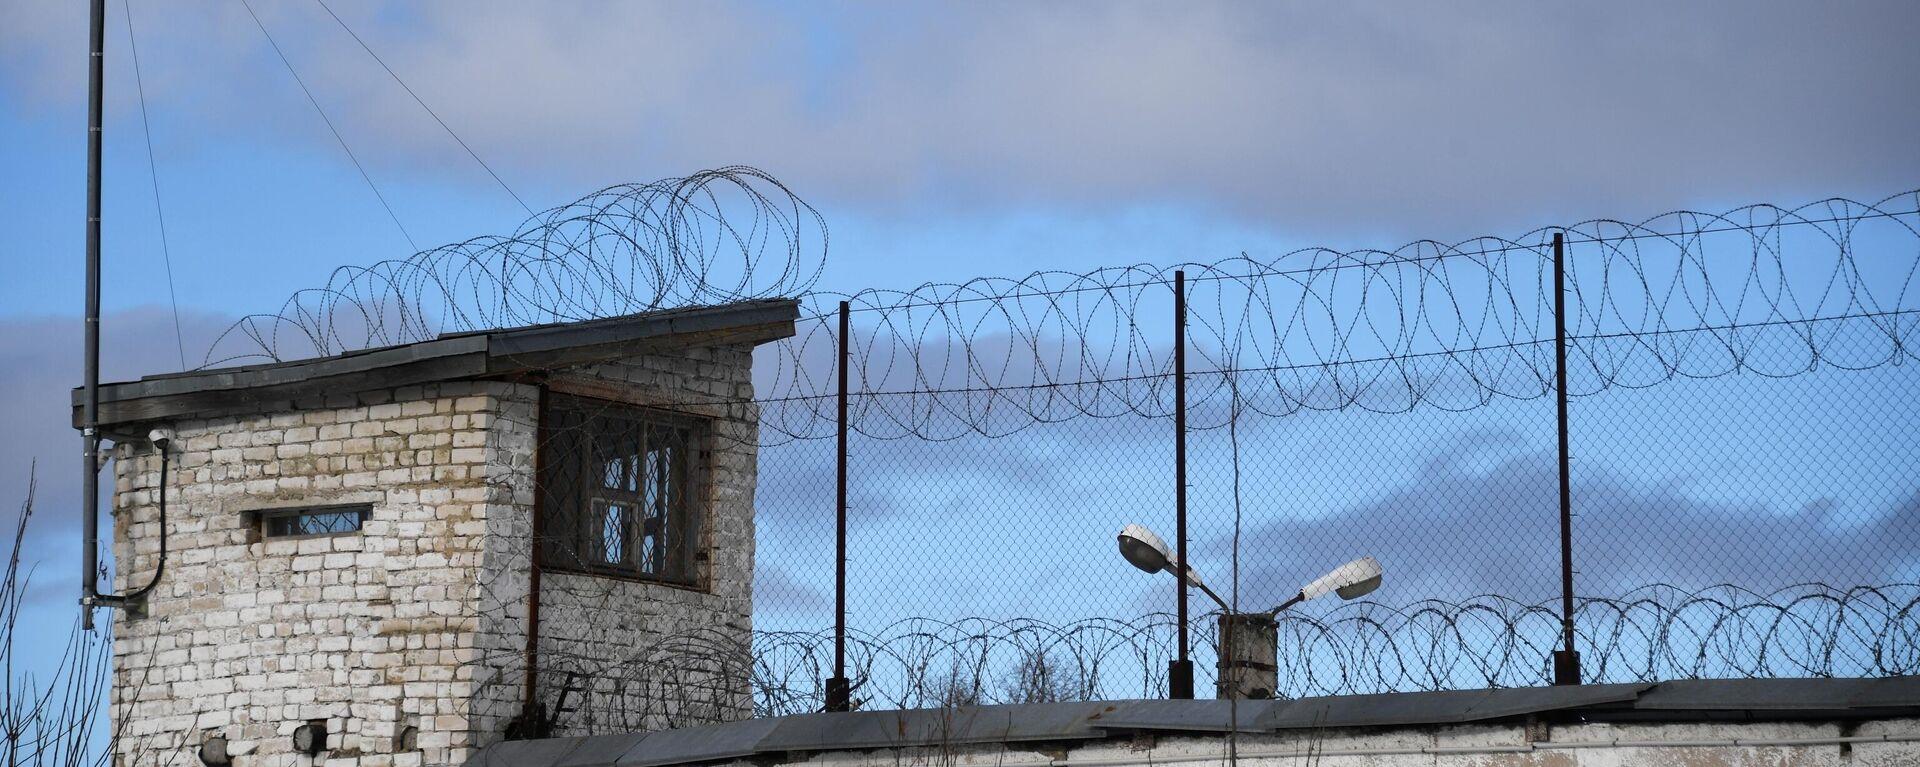 Eine Strafvollzugsanstalt in Russland - SNA, 1920, 08.10.2021